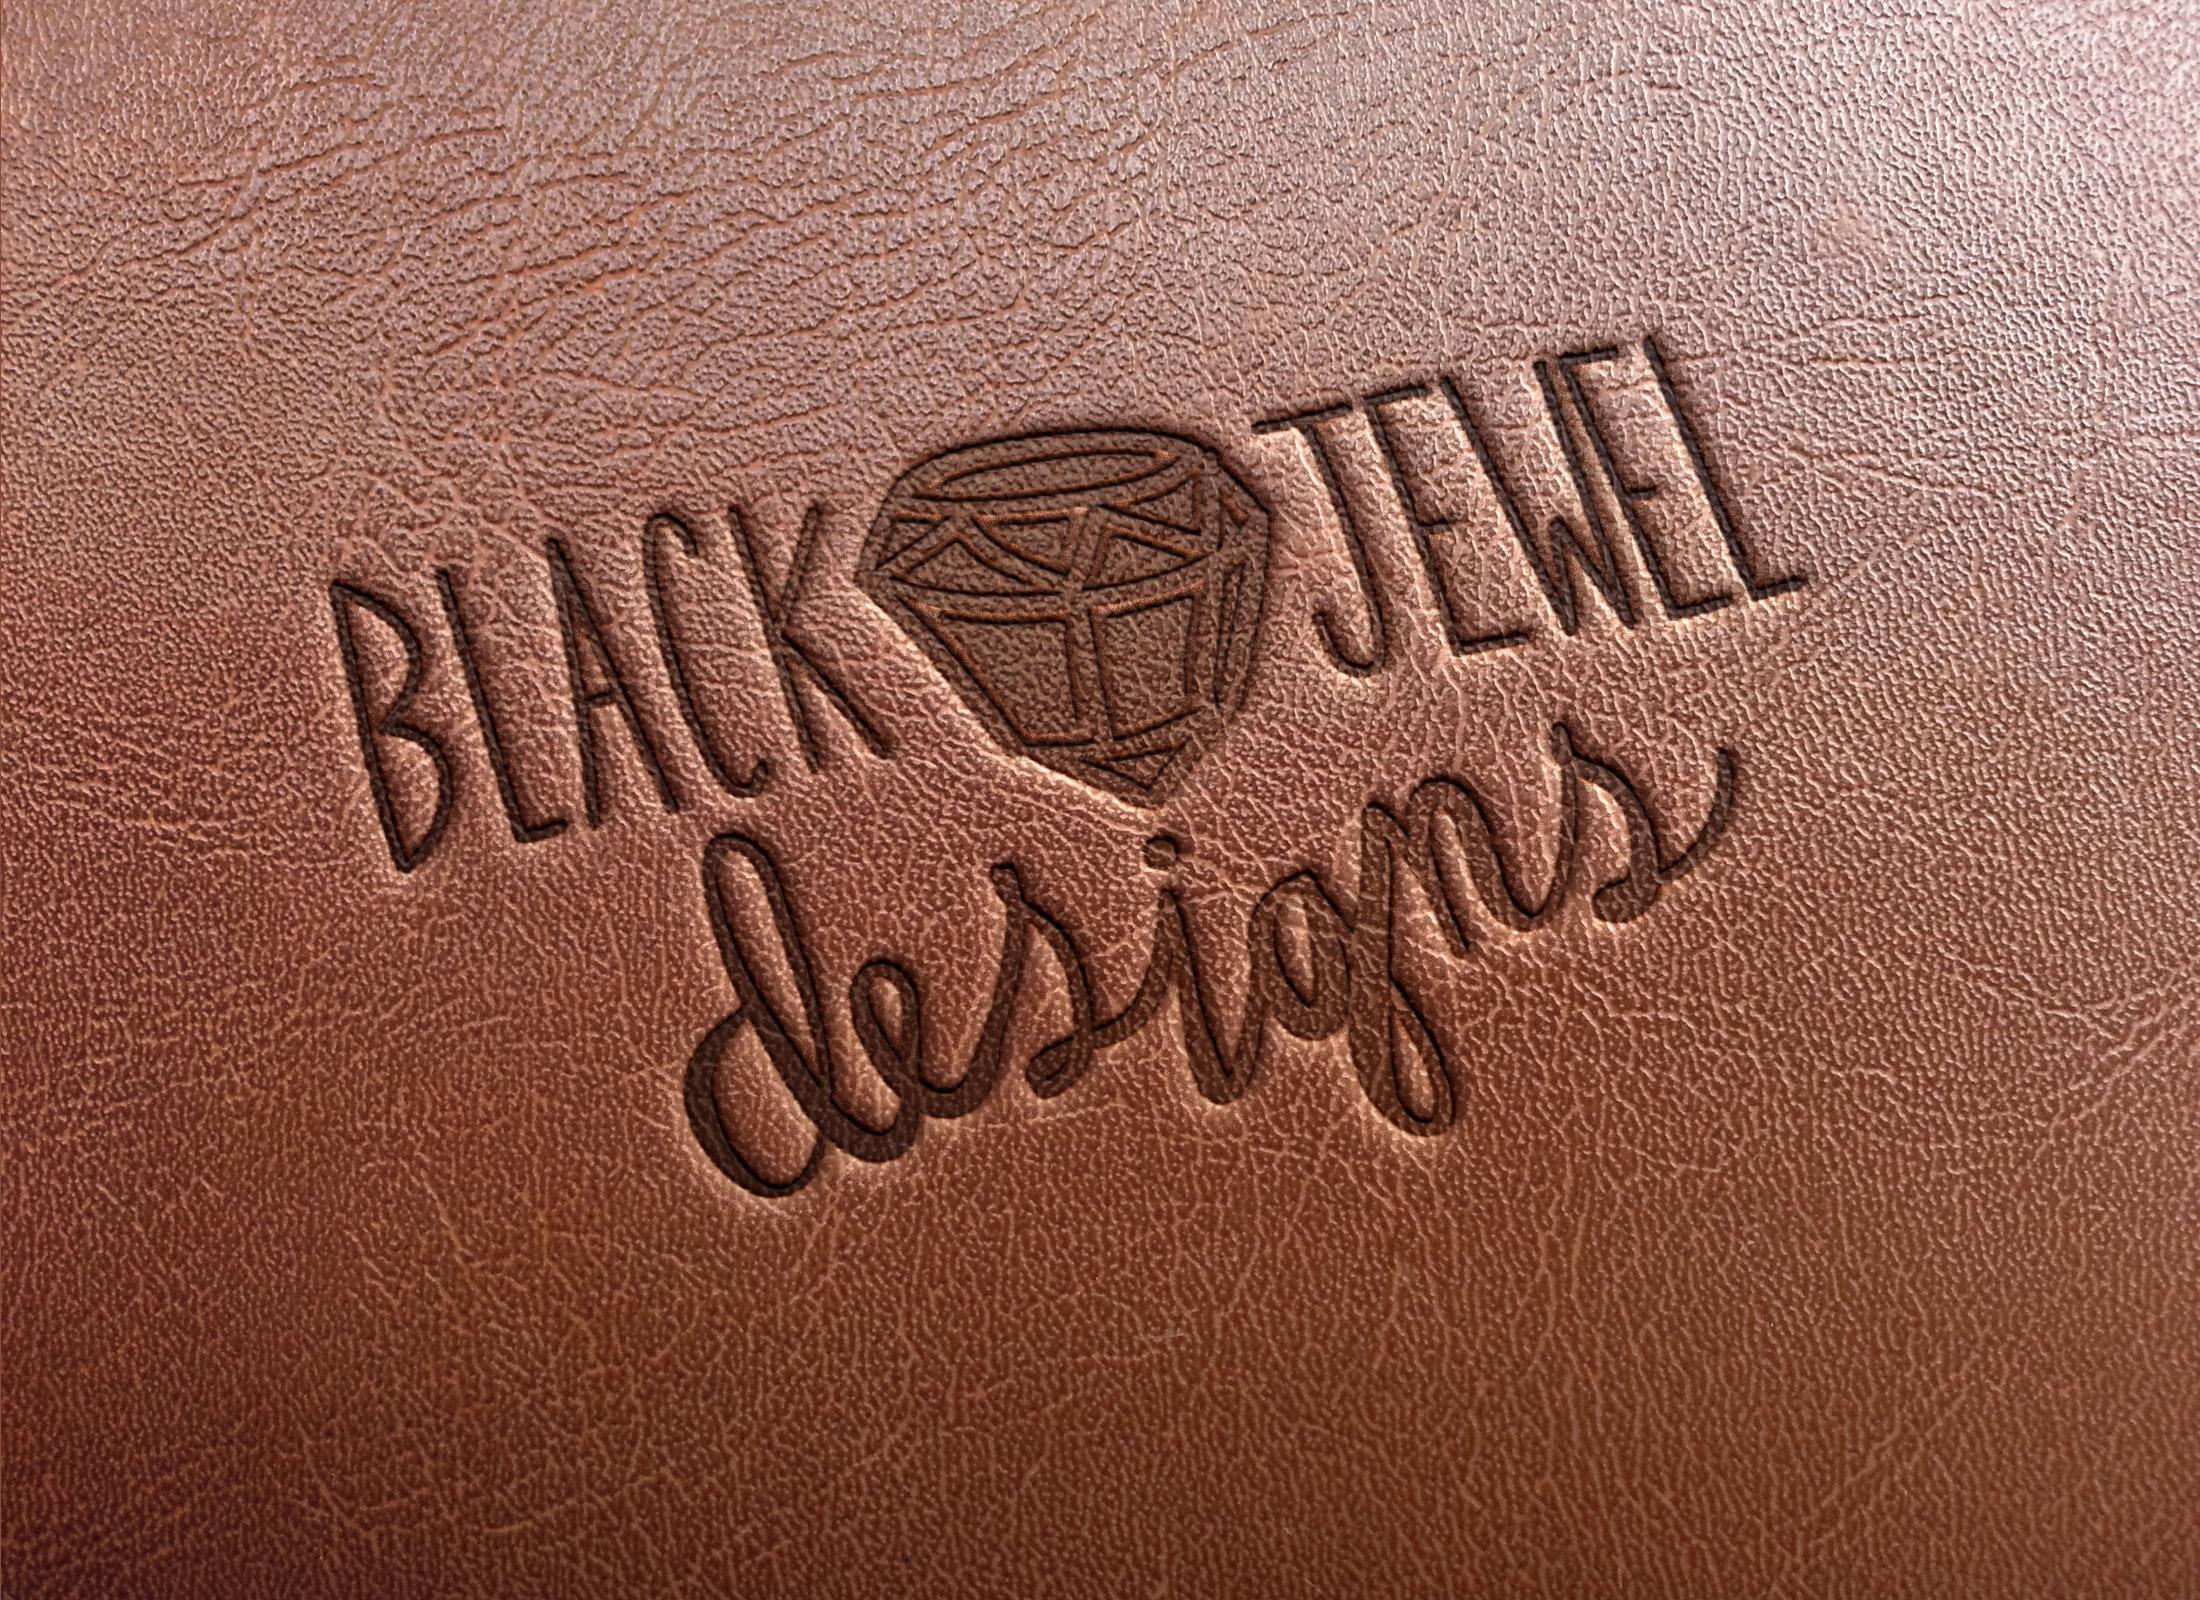 BlackJewelLeatherStamped.jpg